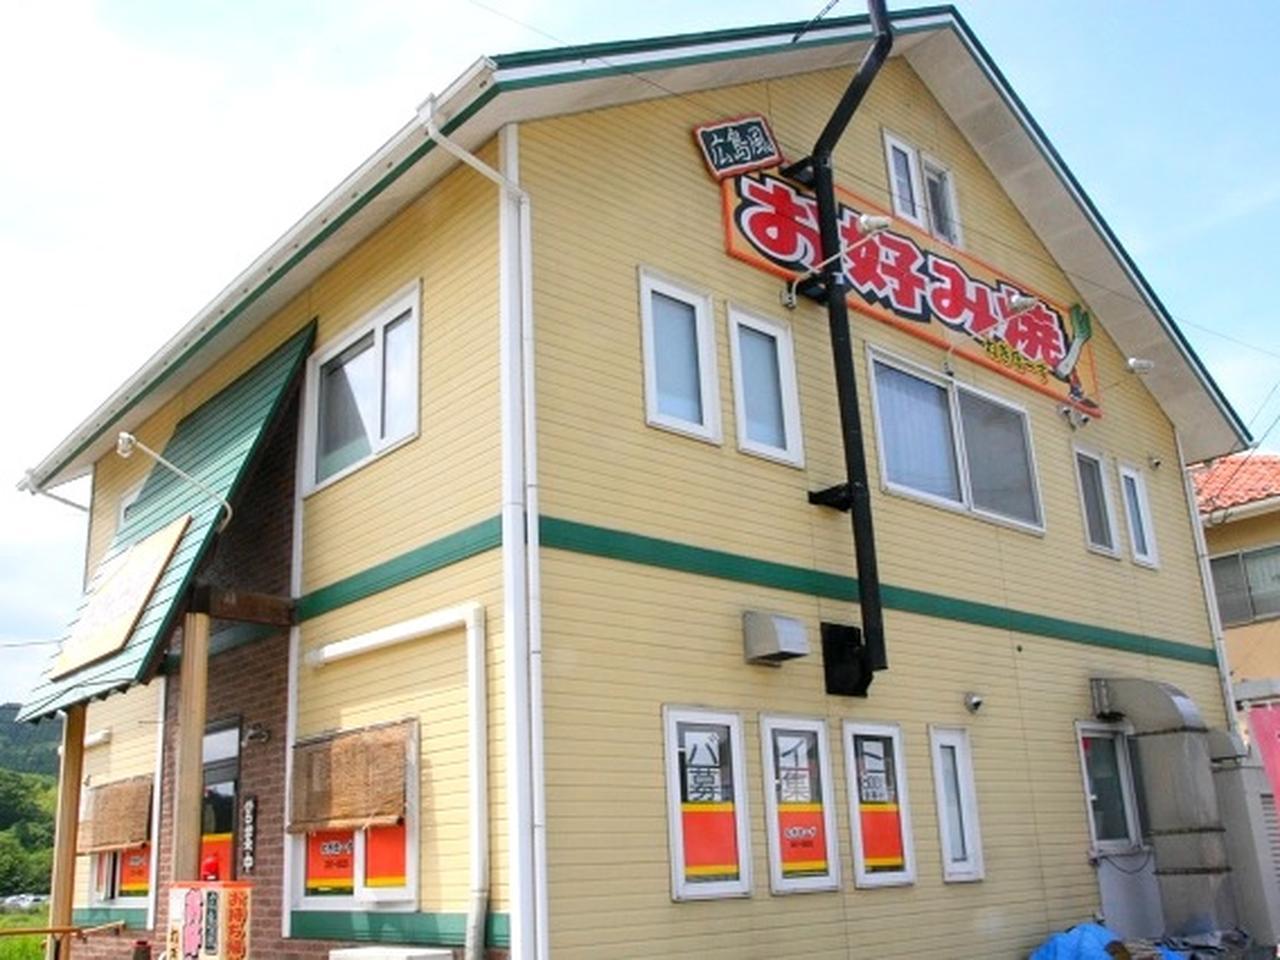 画像: 一戸建ての可愛らしい店舗で、周りは田園地帯。仙台と言っても郊外。都会の喧騒から離れ、ゆったりとした空気が流れています。